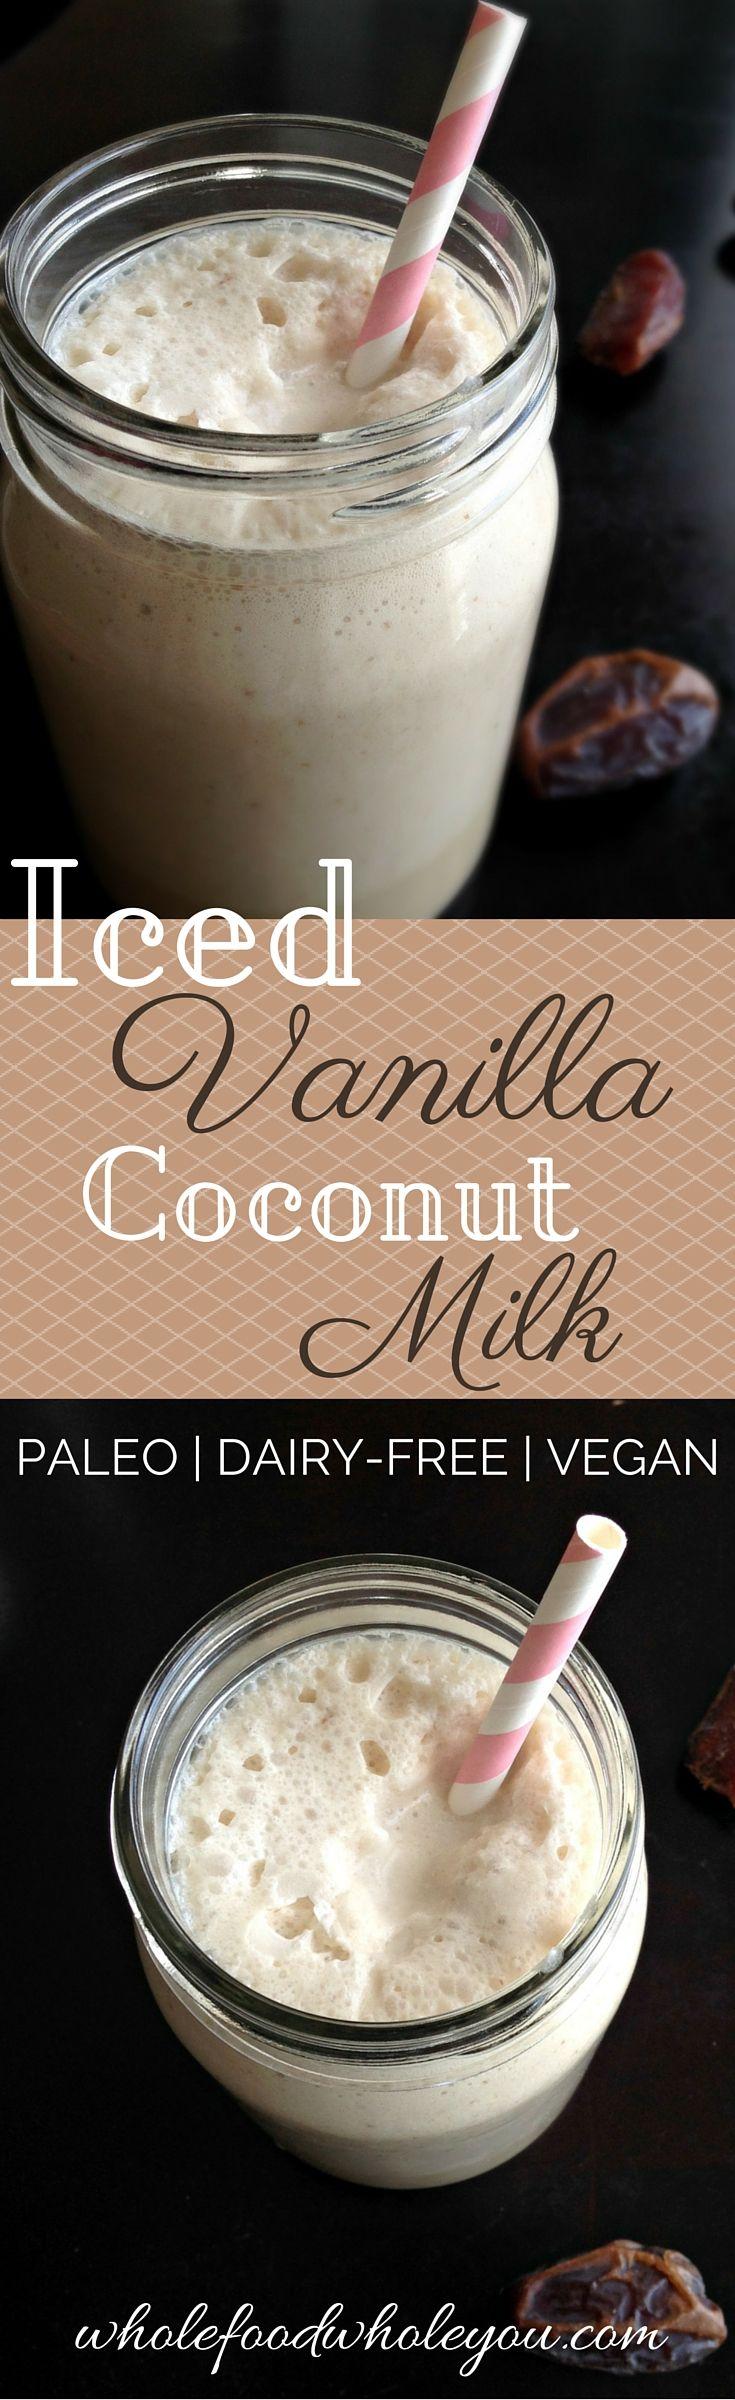 DELICIOUS & paleo Iced Vanilla Coconut Milk! Yum! Tastes kind of like a milkshake.